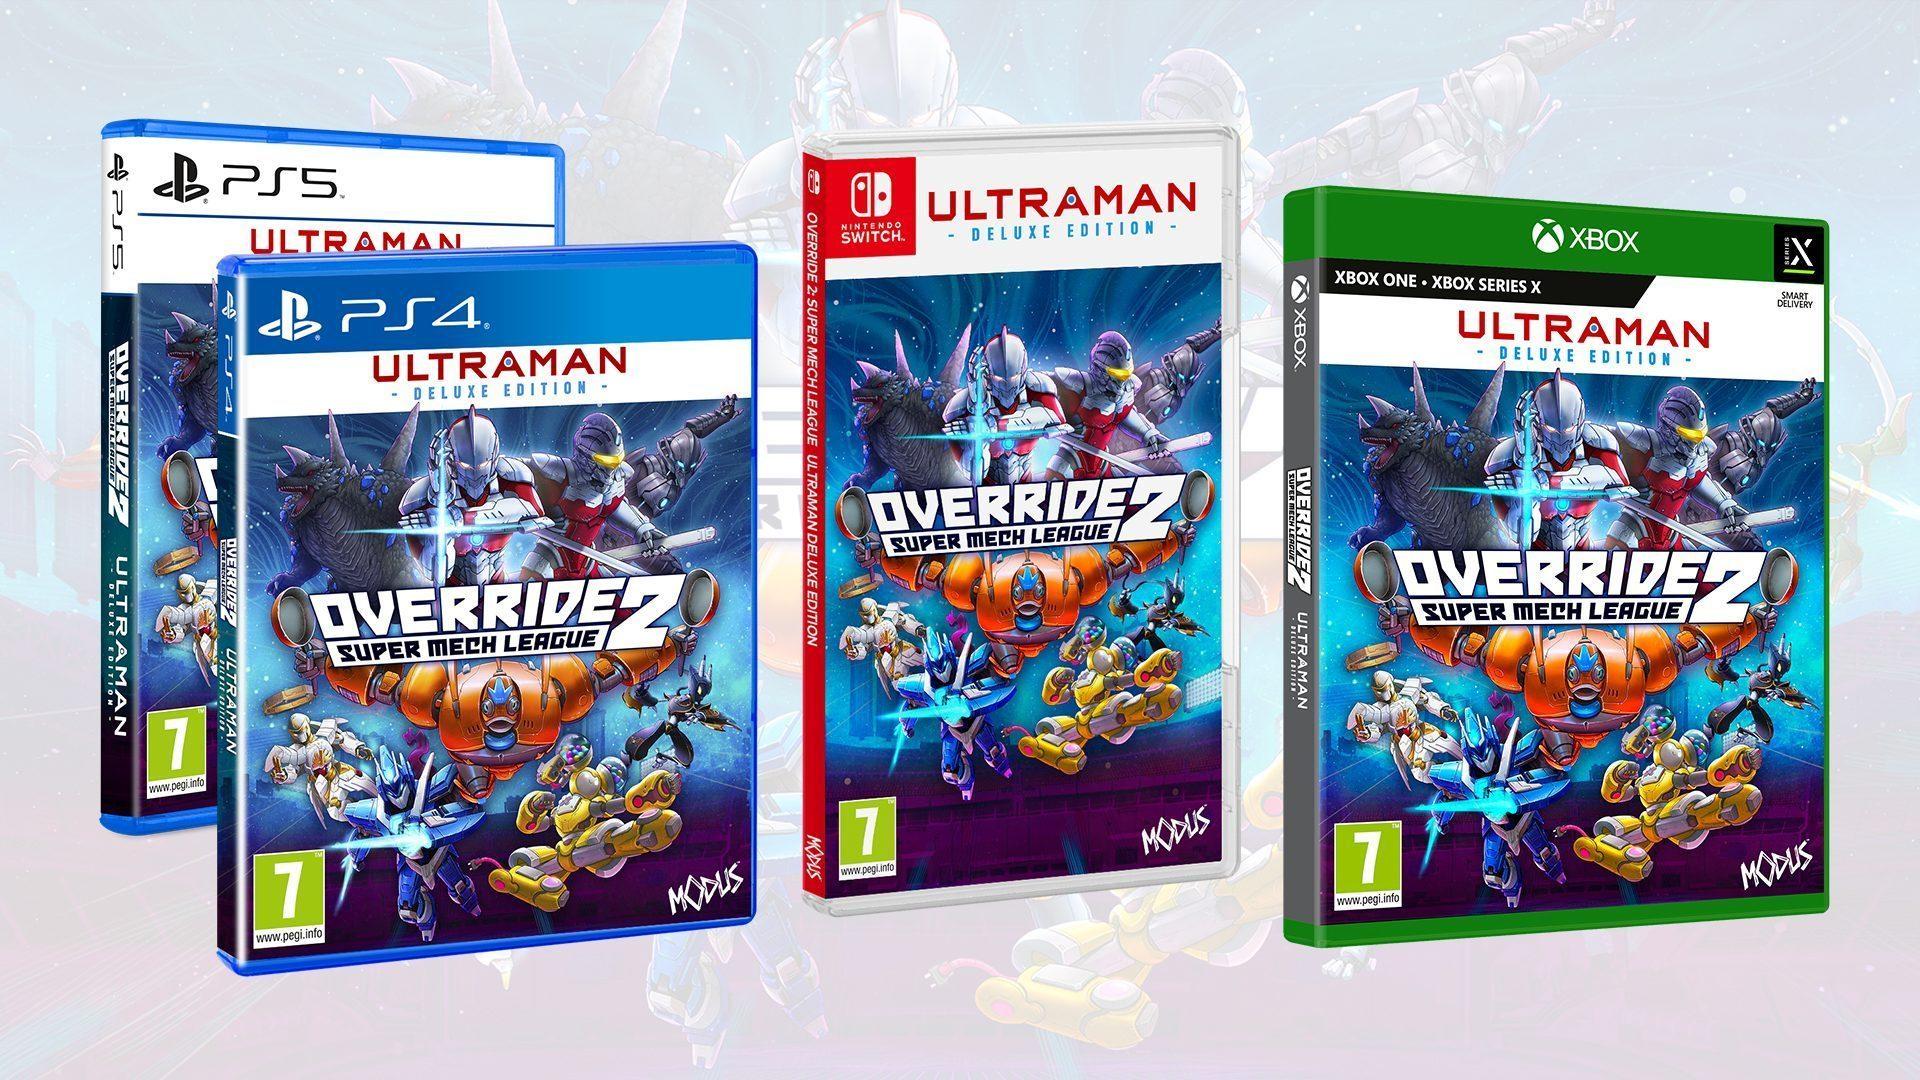 Override2_Ultraman_Deluxe_Edition_packshots